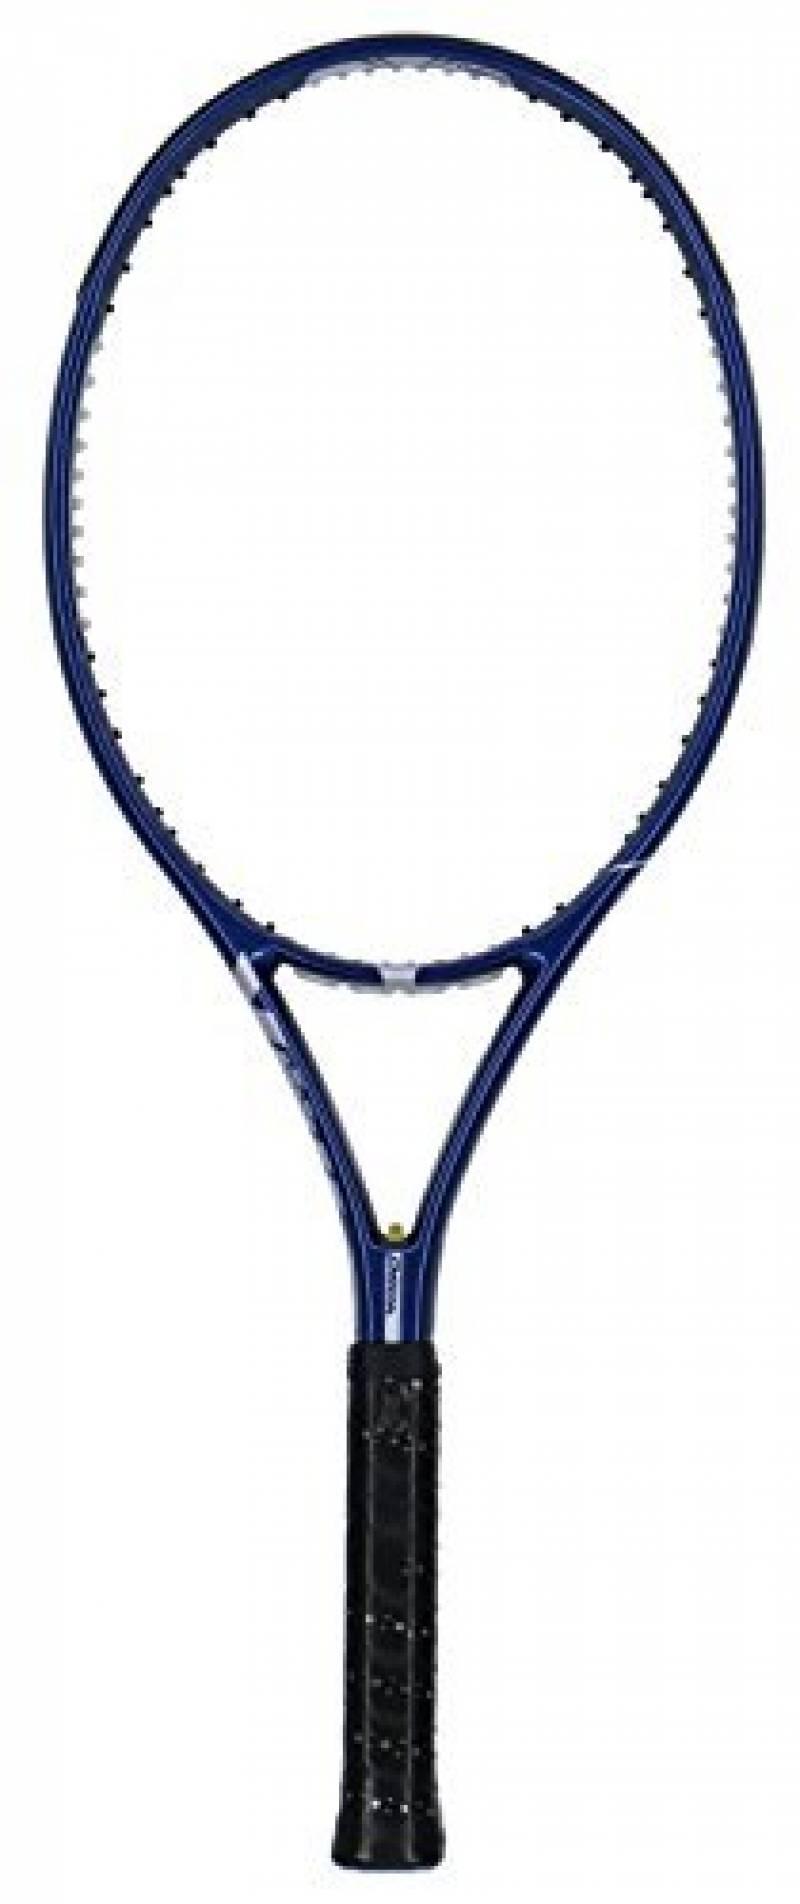 VOLKL Raquette de tennis Super G V1 Oversize de la marque Volkl TOP 13 image 0 produit